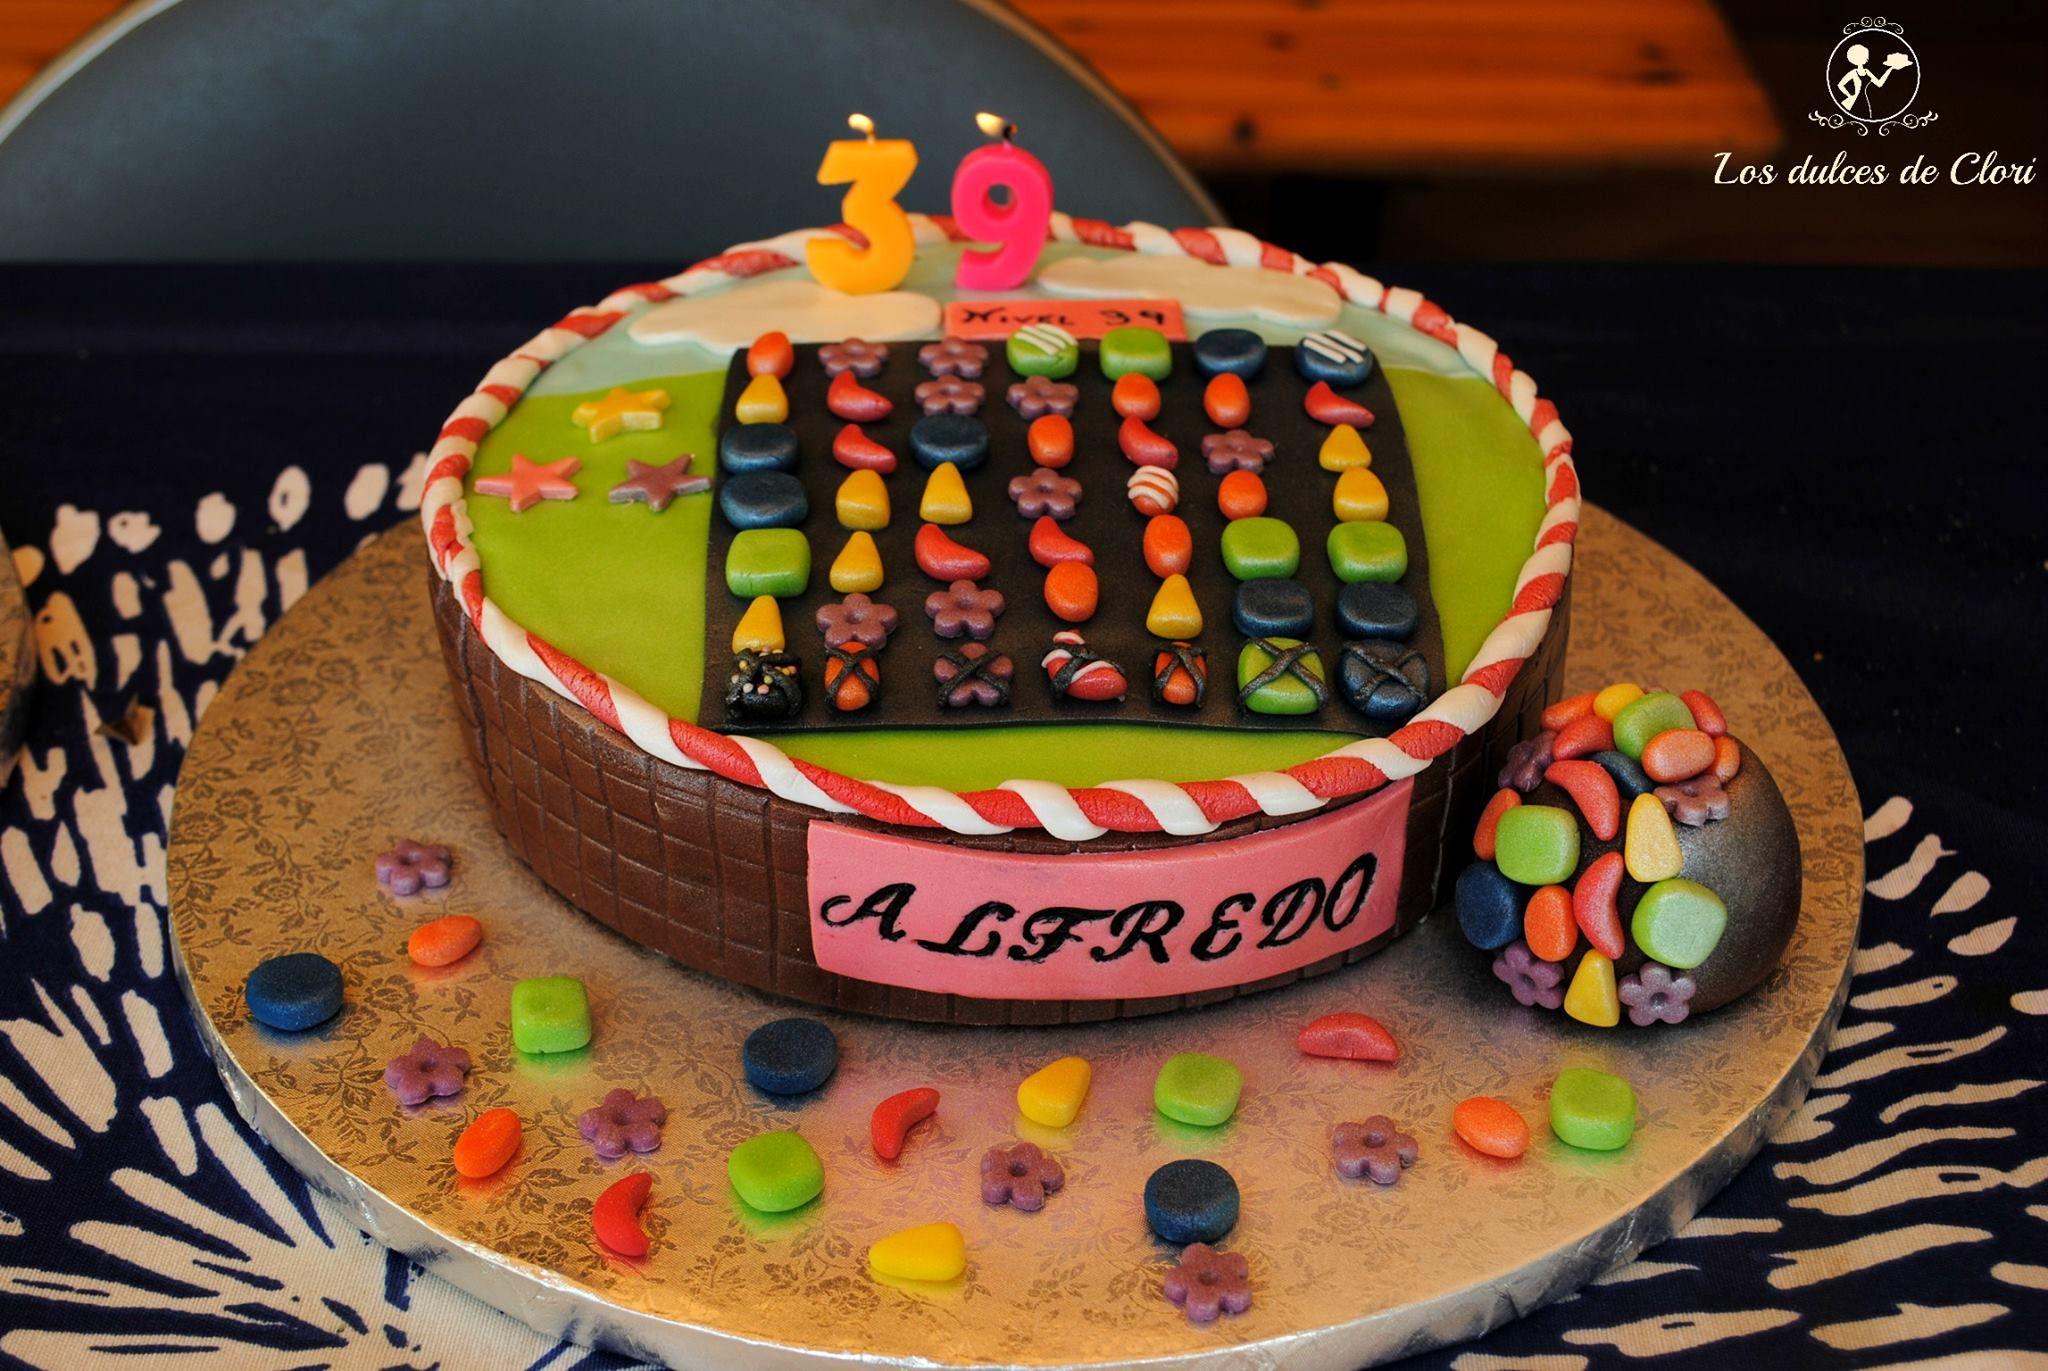 Tartas de cumpleaños en Las Palmas